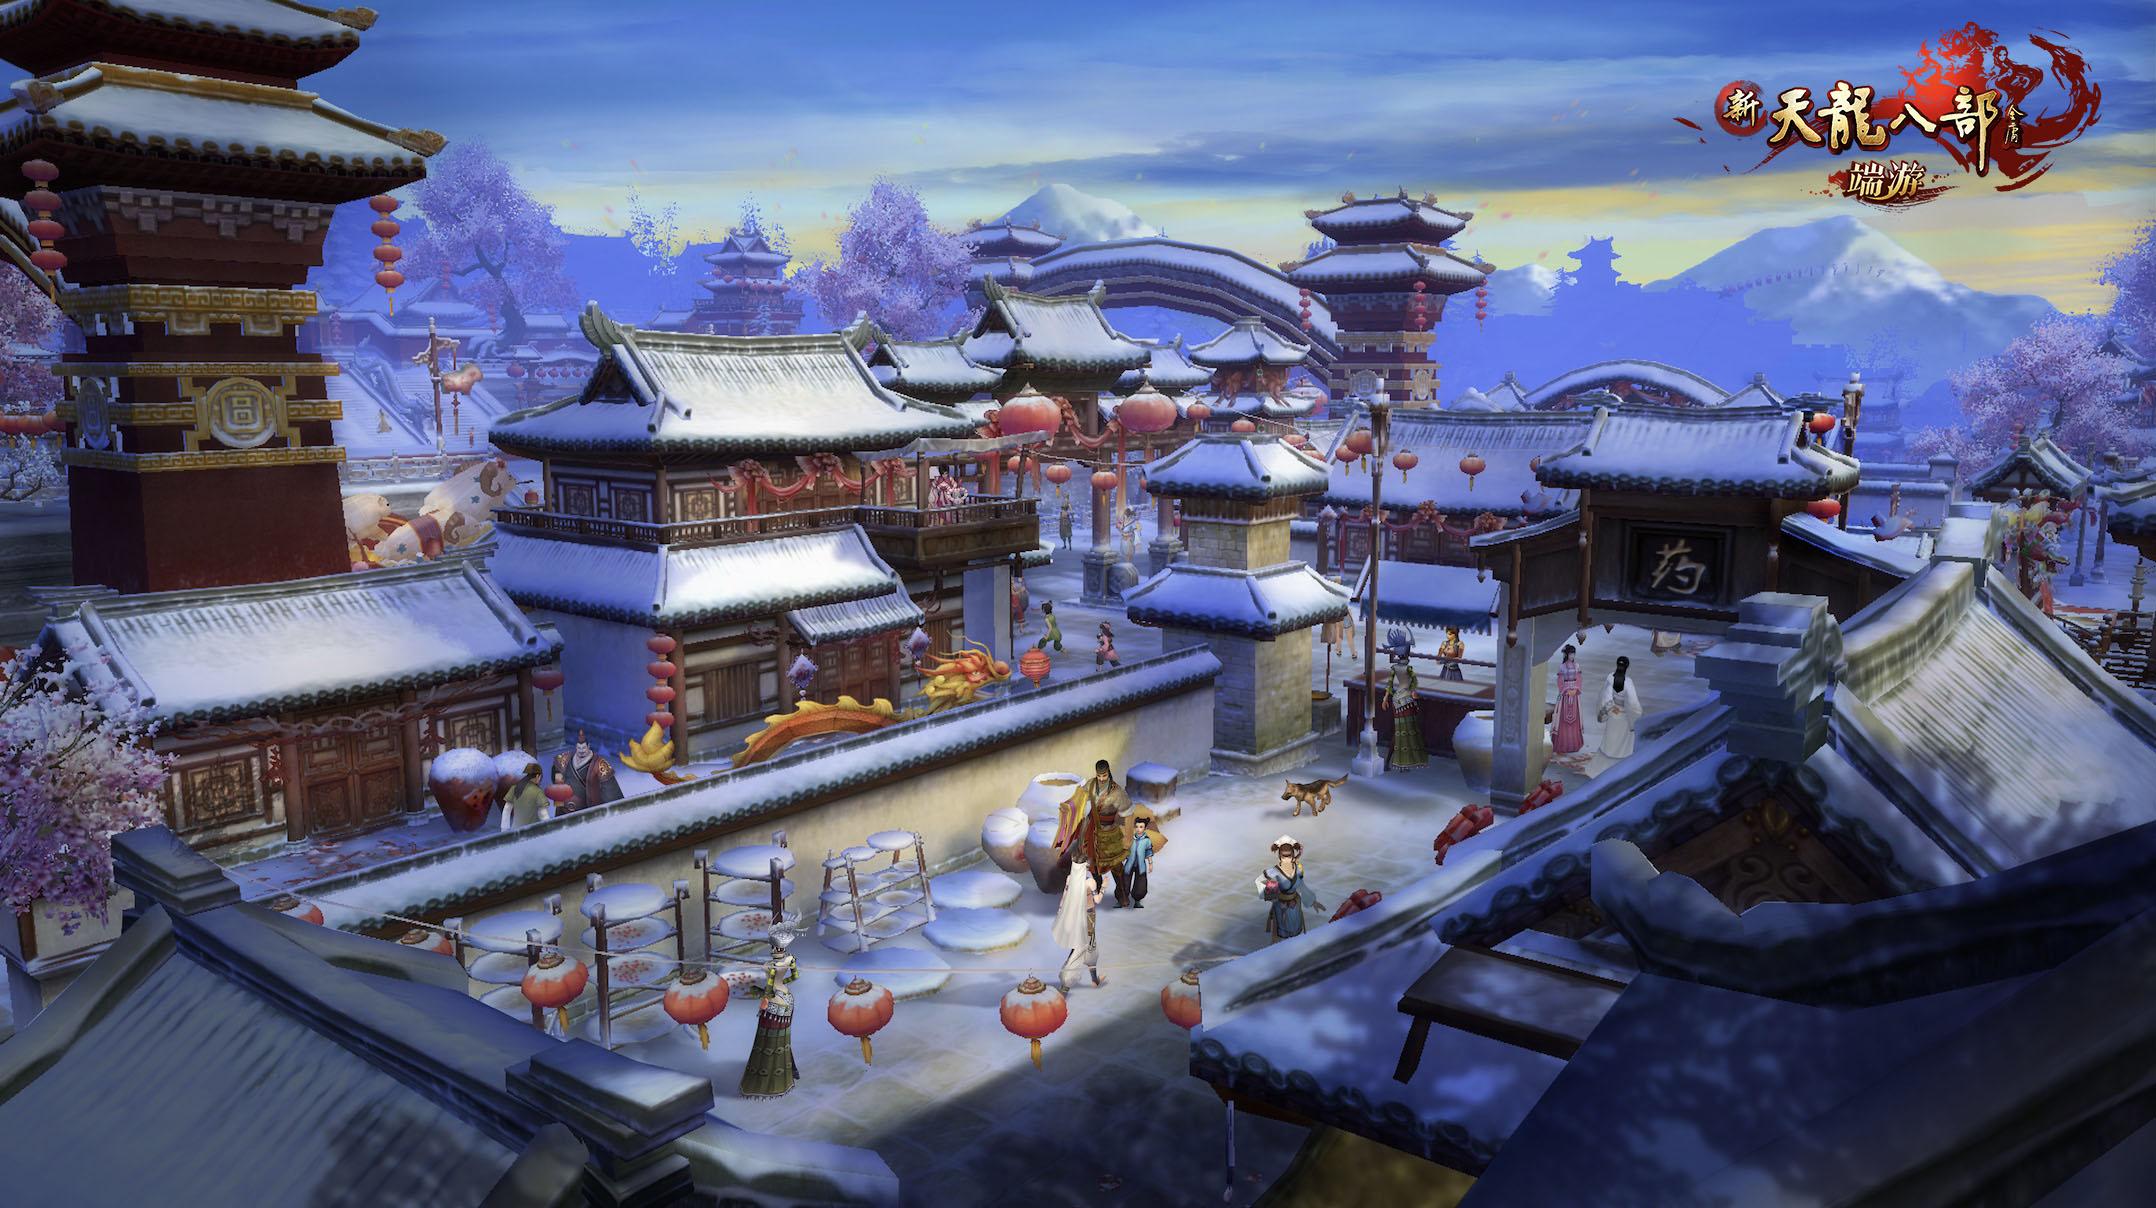 图1:洛阳雪景